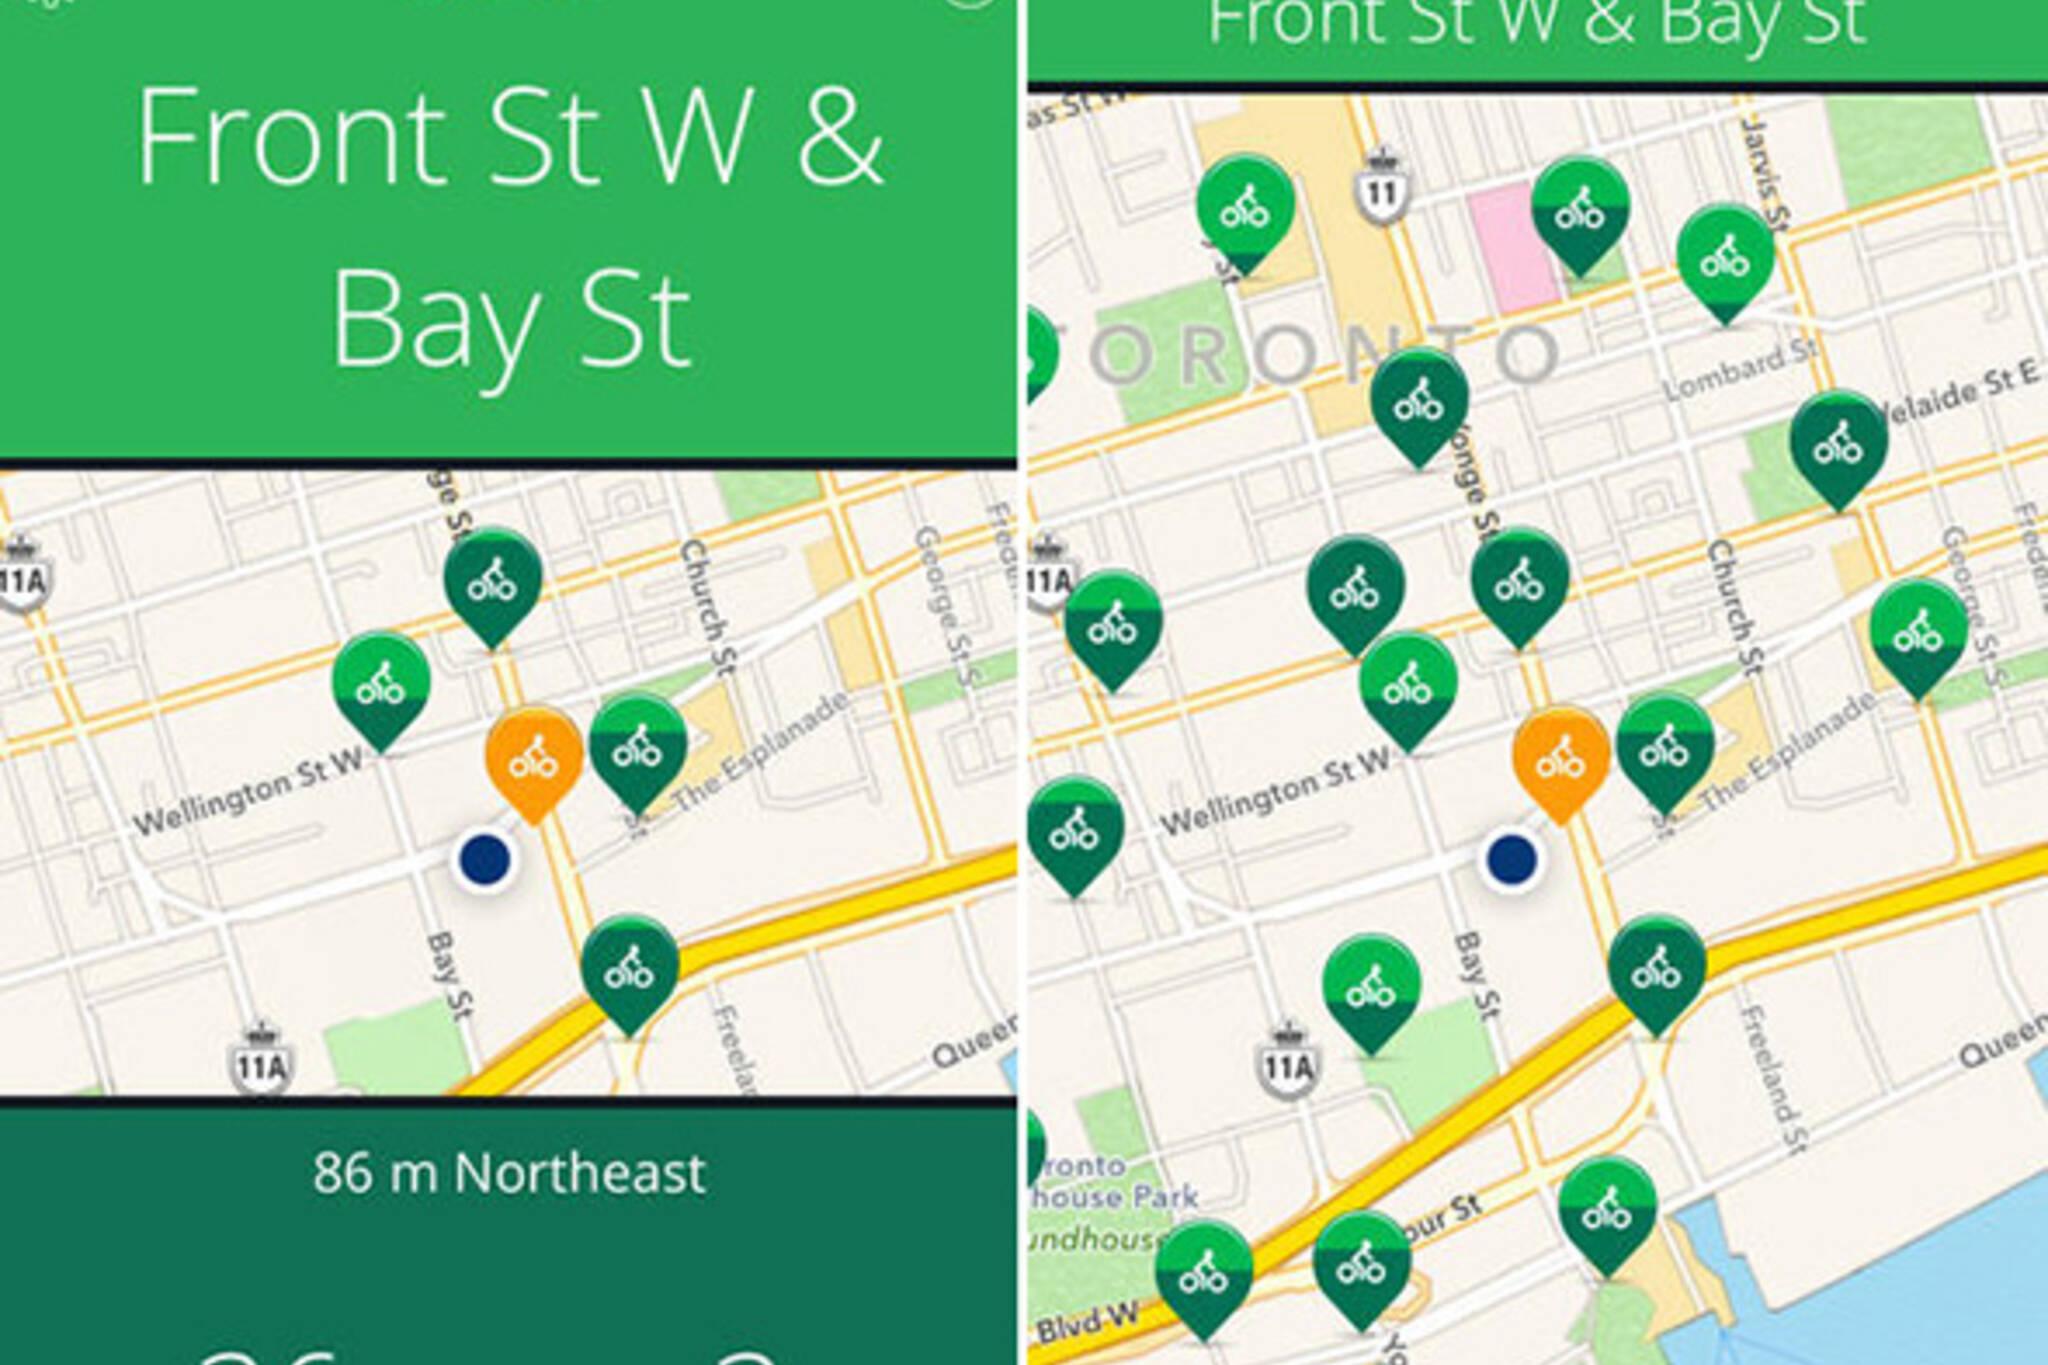 Toronto bike share app